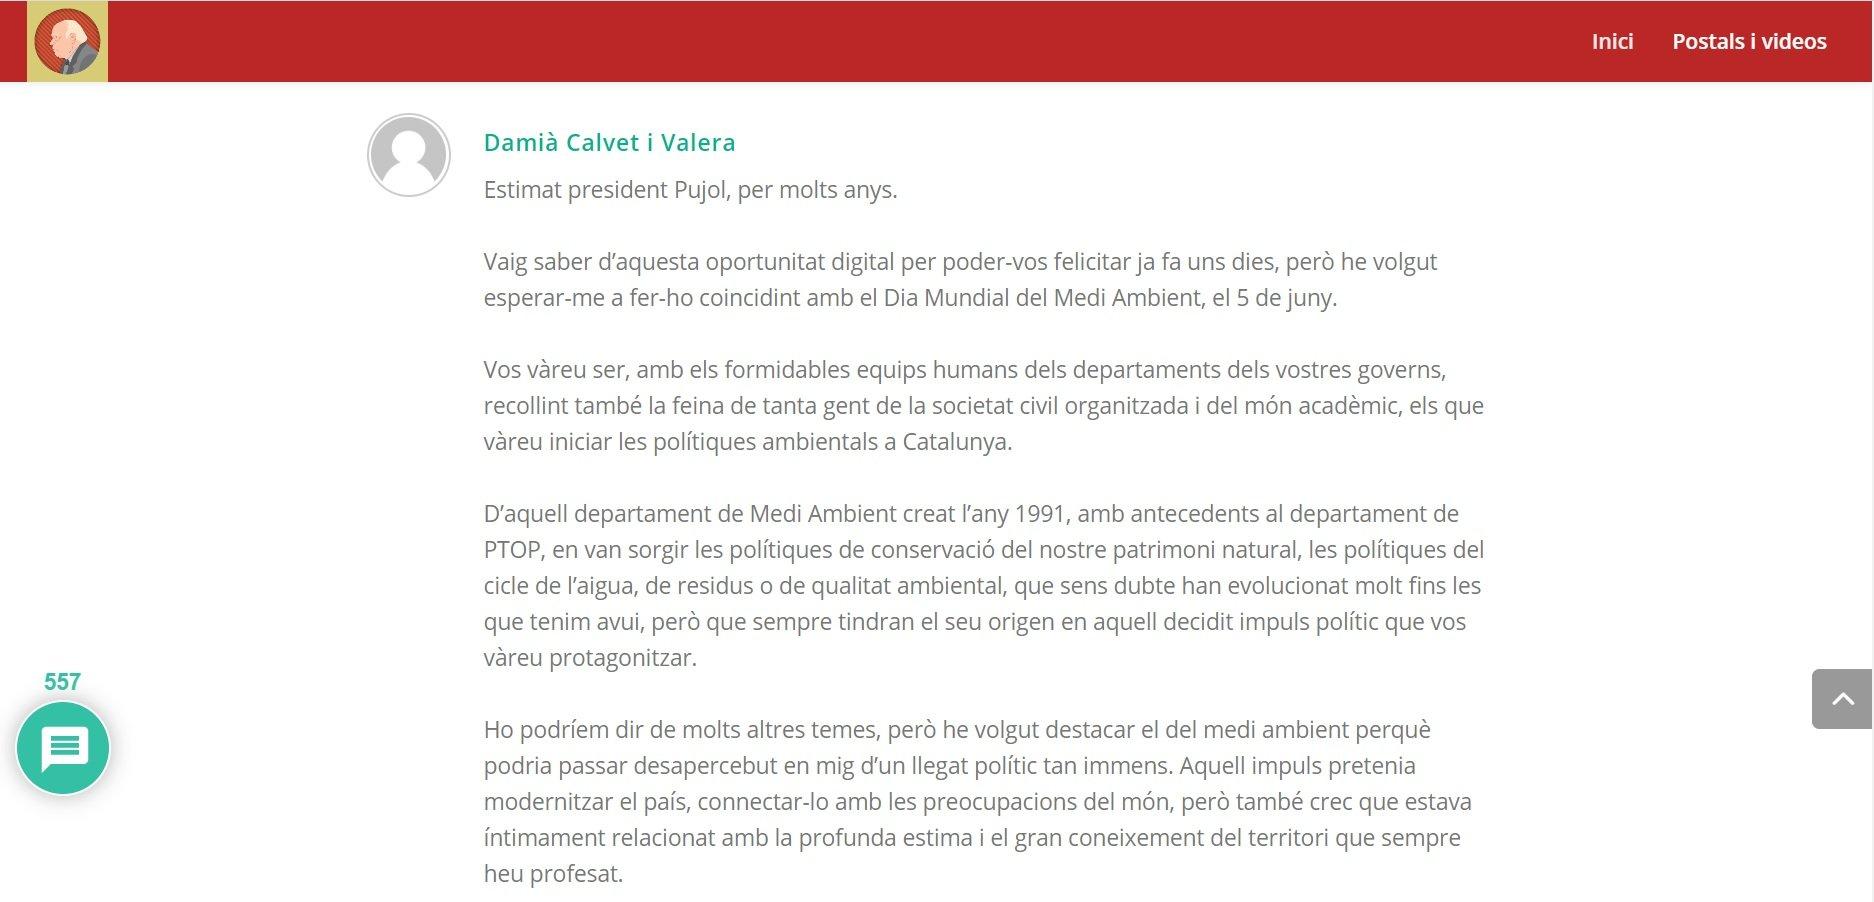 Felicitació de Damià Calvet a Jordi Pujol pel seu norantè aniversar